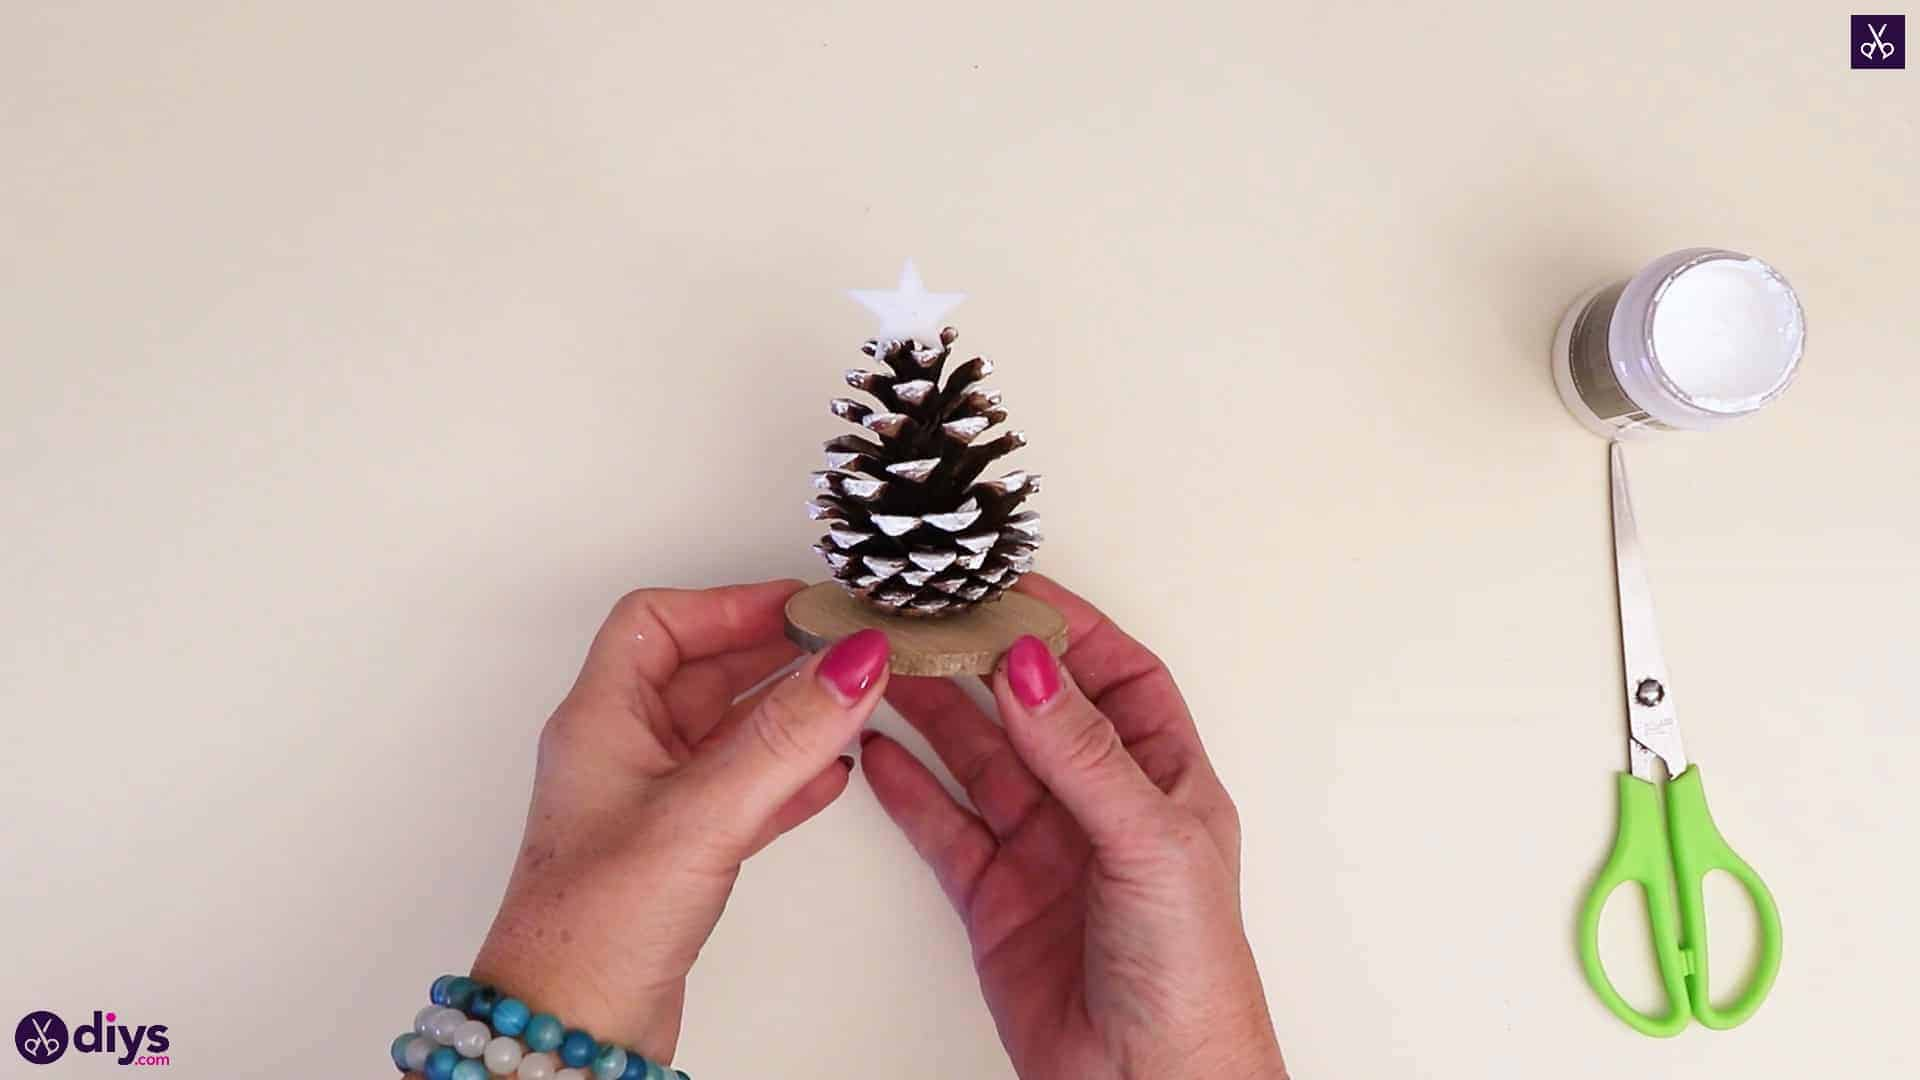 Diy Pinecone Christmas Tree